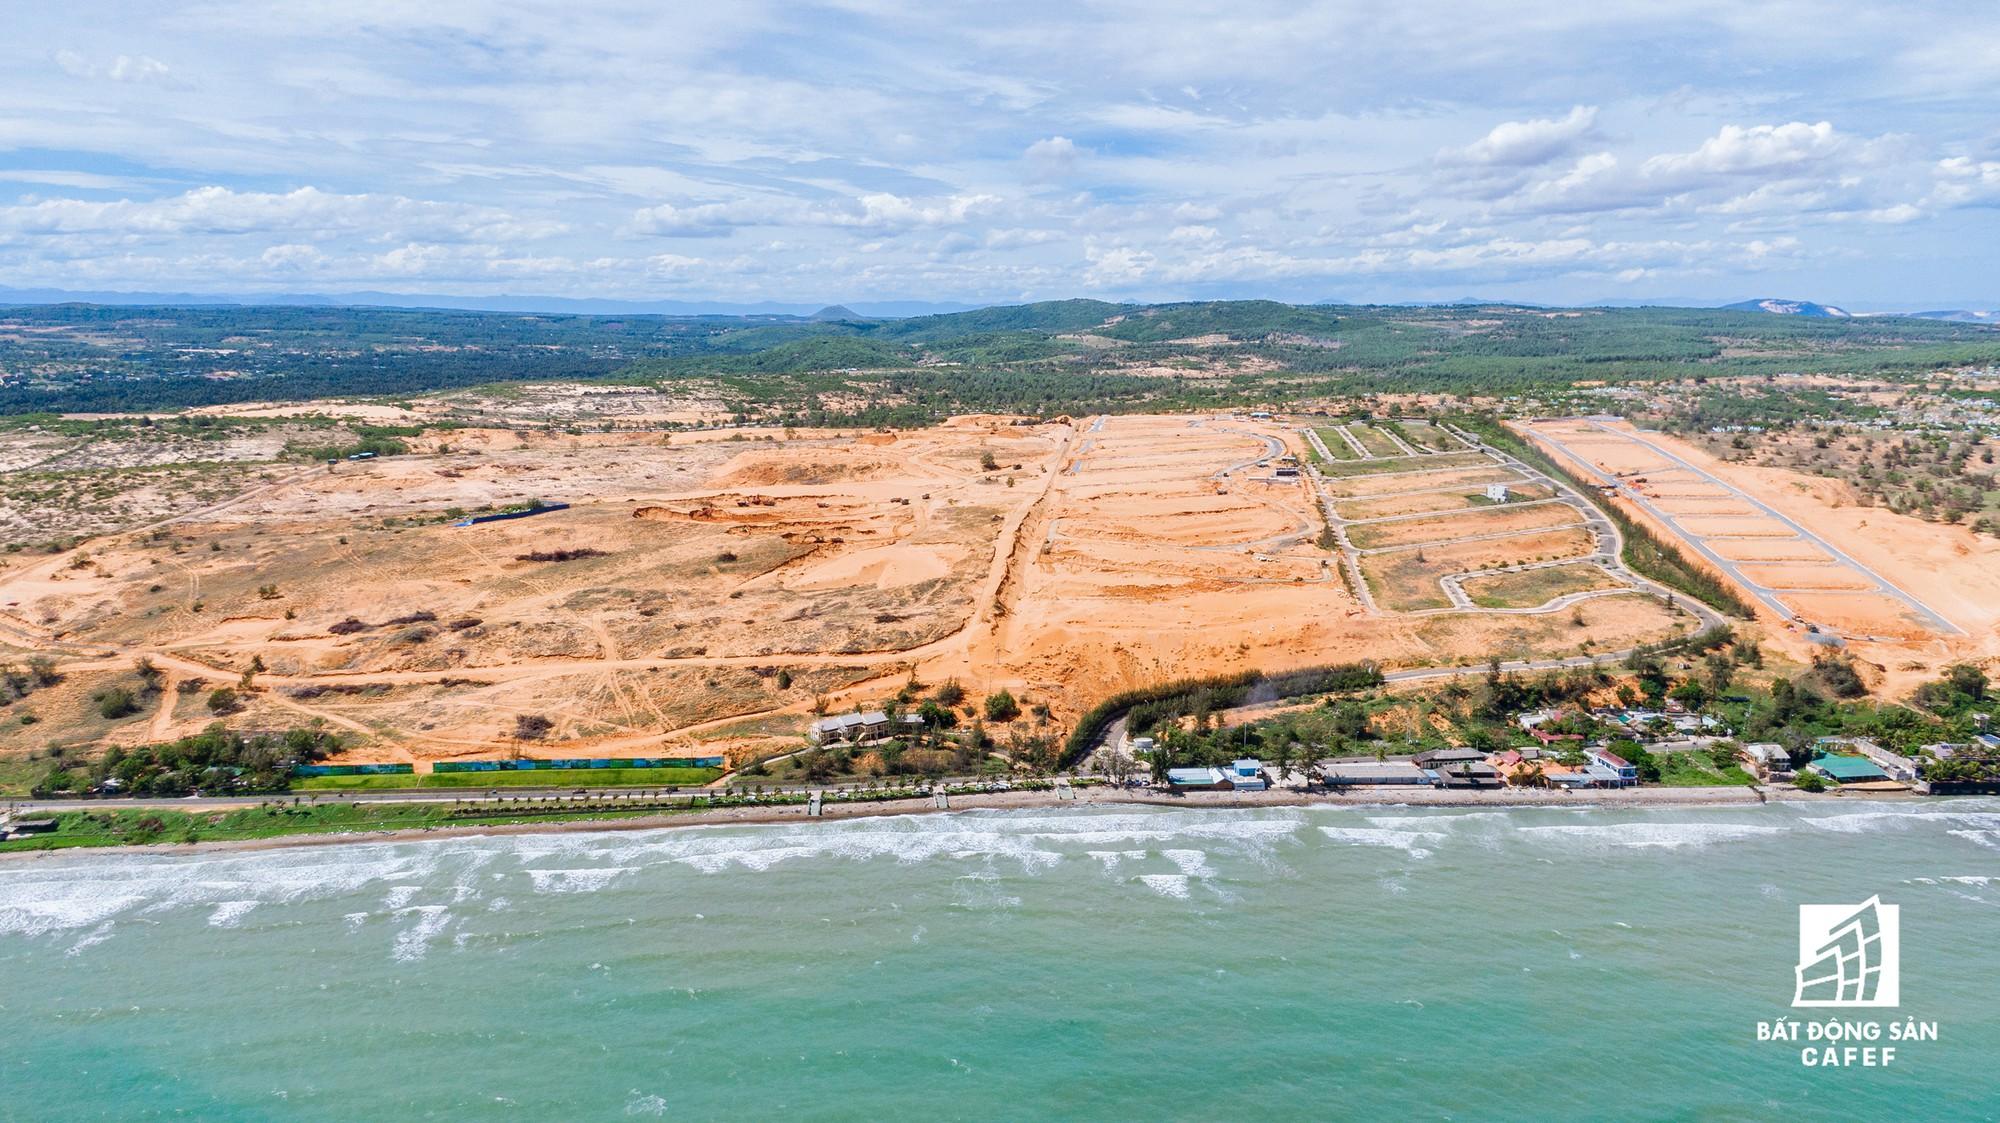 Quy hoạch thành khu du lịch quốc gia, dải ven biển này đang đón dòng vốn hàng tỷ USD, giá đất tăng chóng mặt - Ảnh 12.